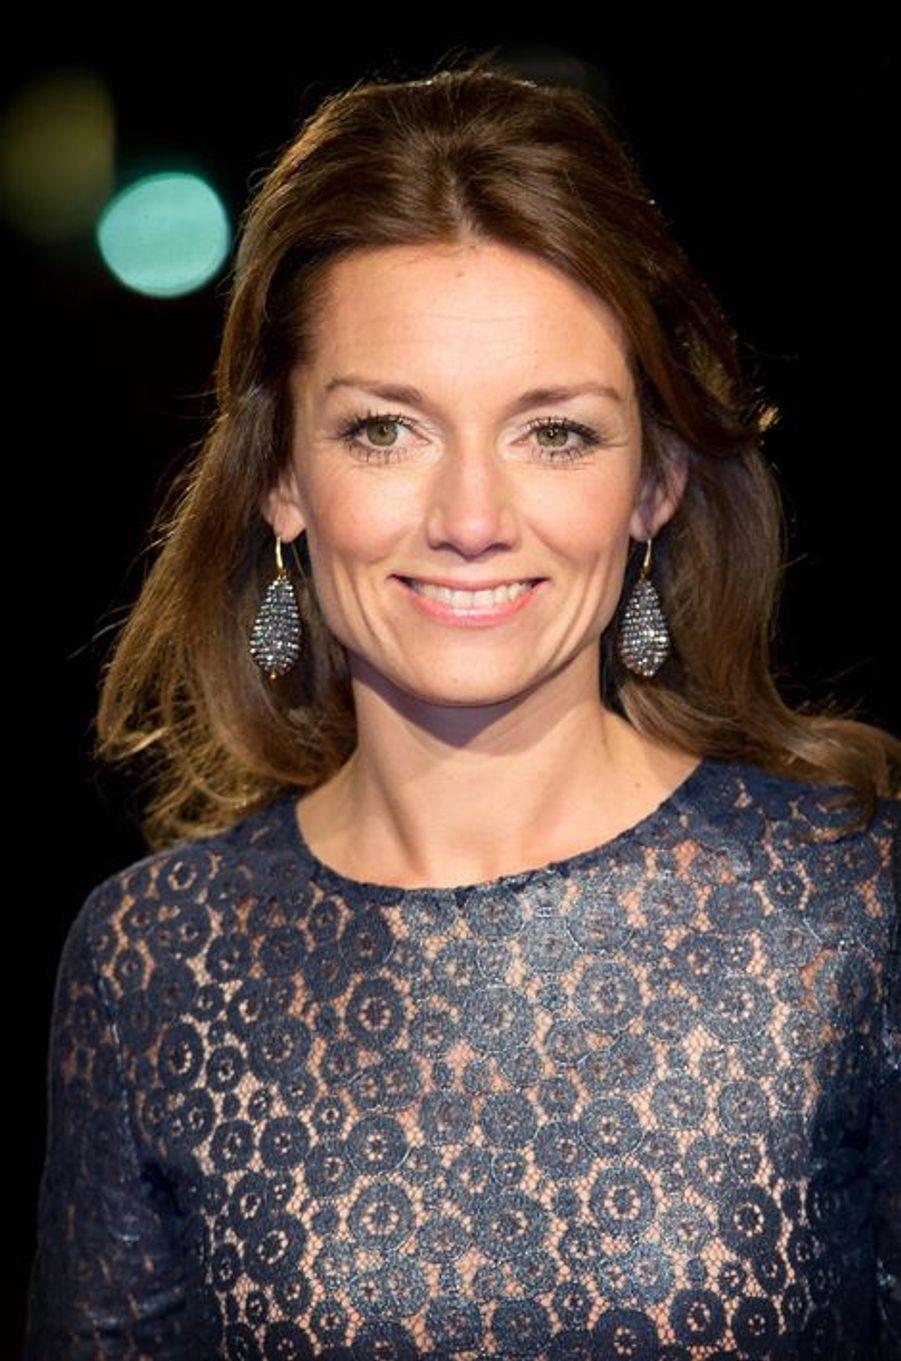 La princesse Aimée au théâtre Beatrix d'Utrecht, le 8 décembre 2014